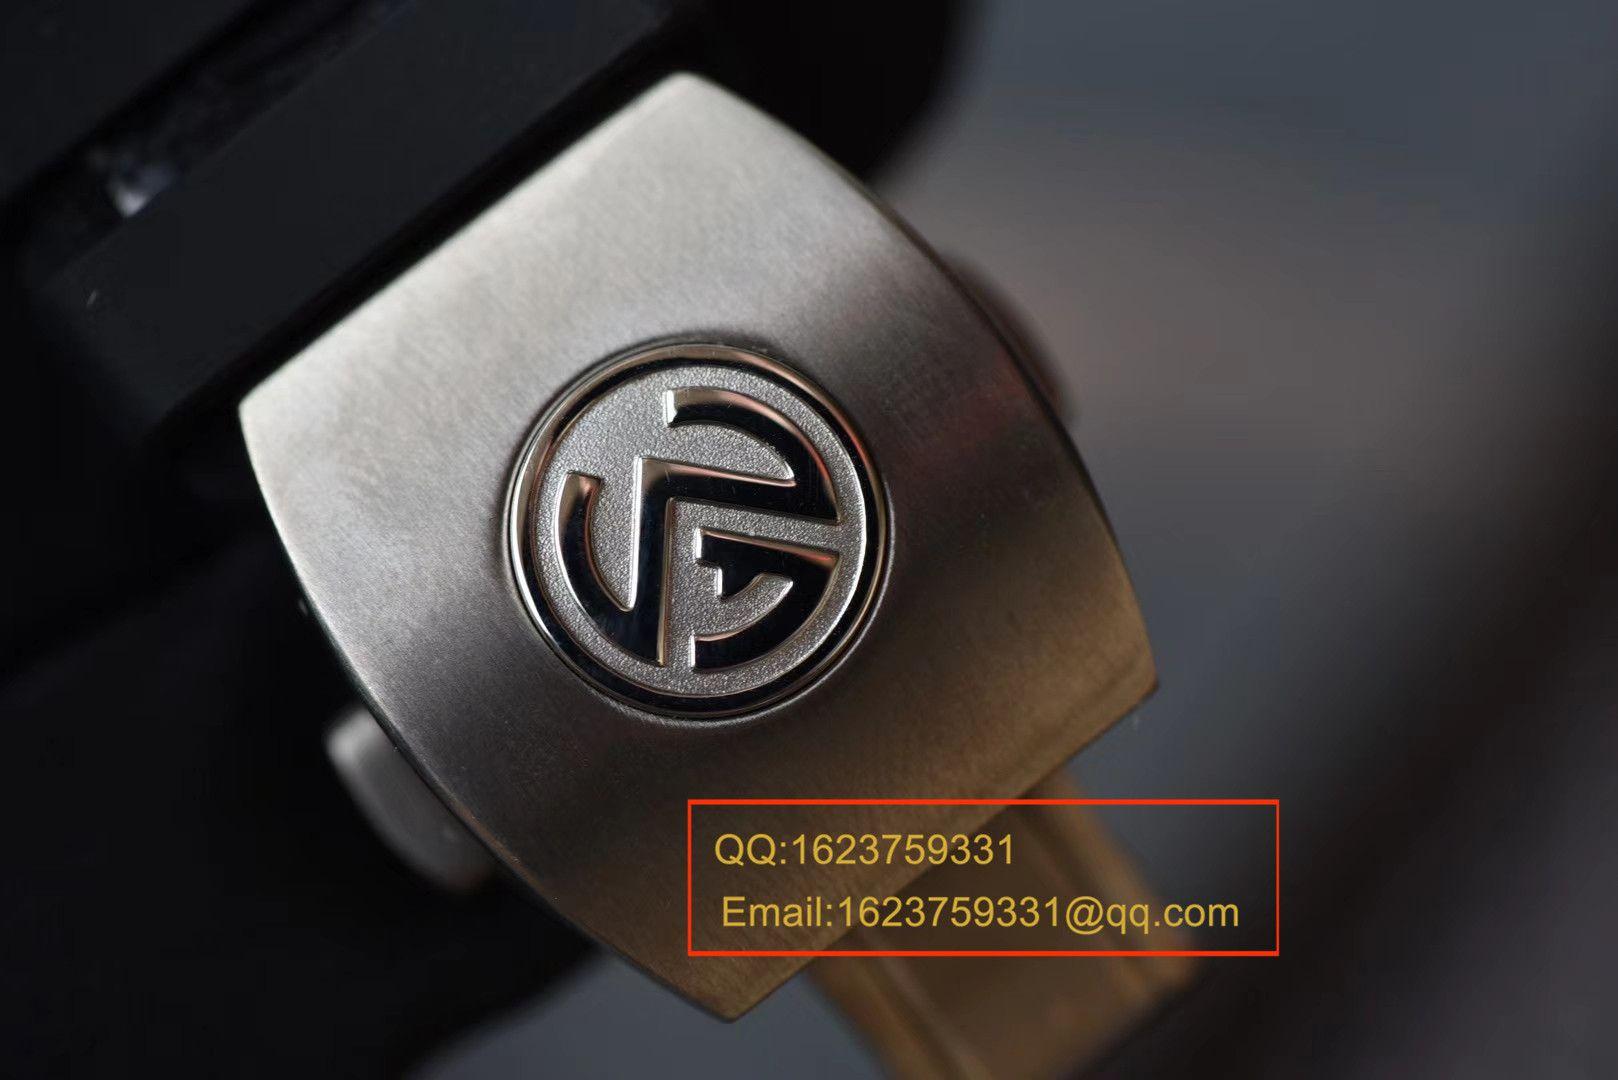 【视频评测TF一比一超A高仿手表】法兰克穆勒VANGUARD系列V 45 S S6腕表